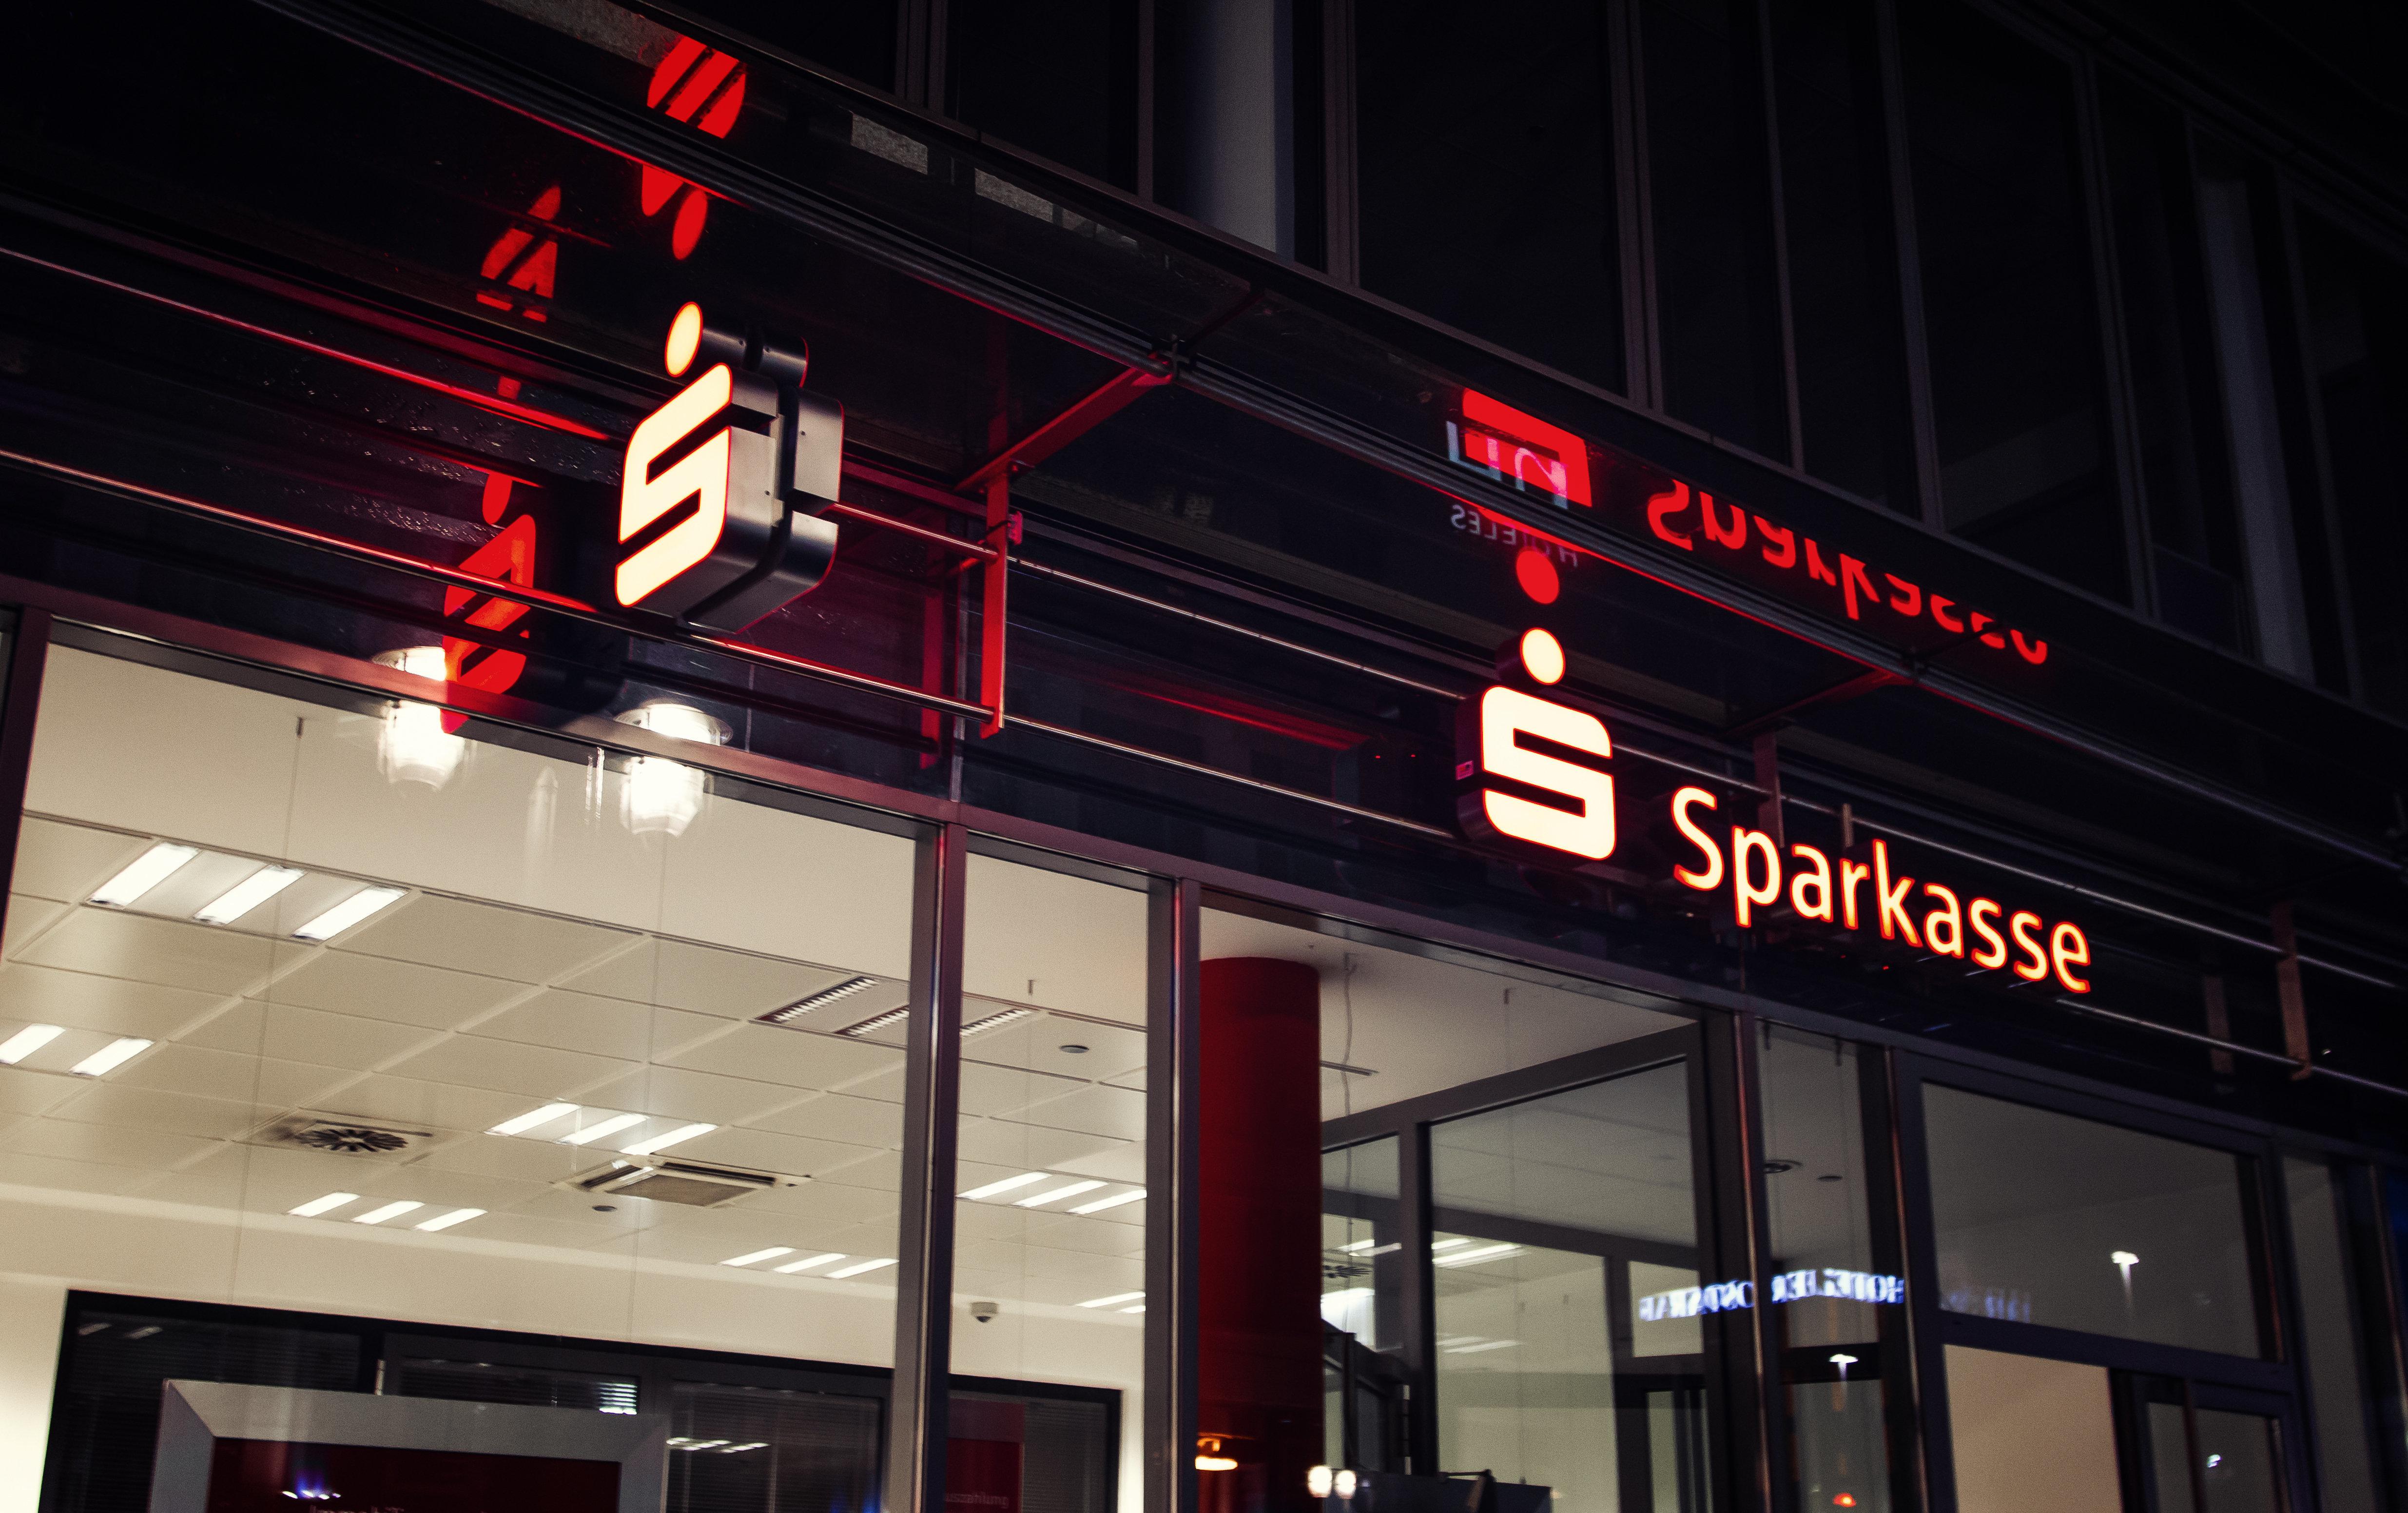 Kunde erhebt schwere Vorwürfe gegen eine Sparkassen-Filiale in